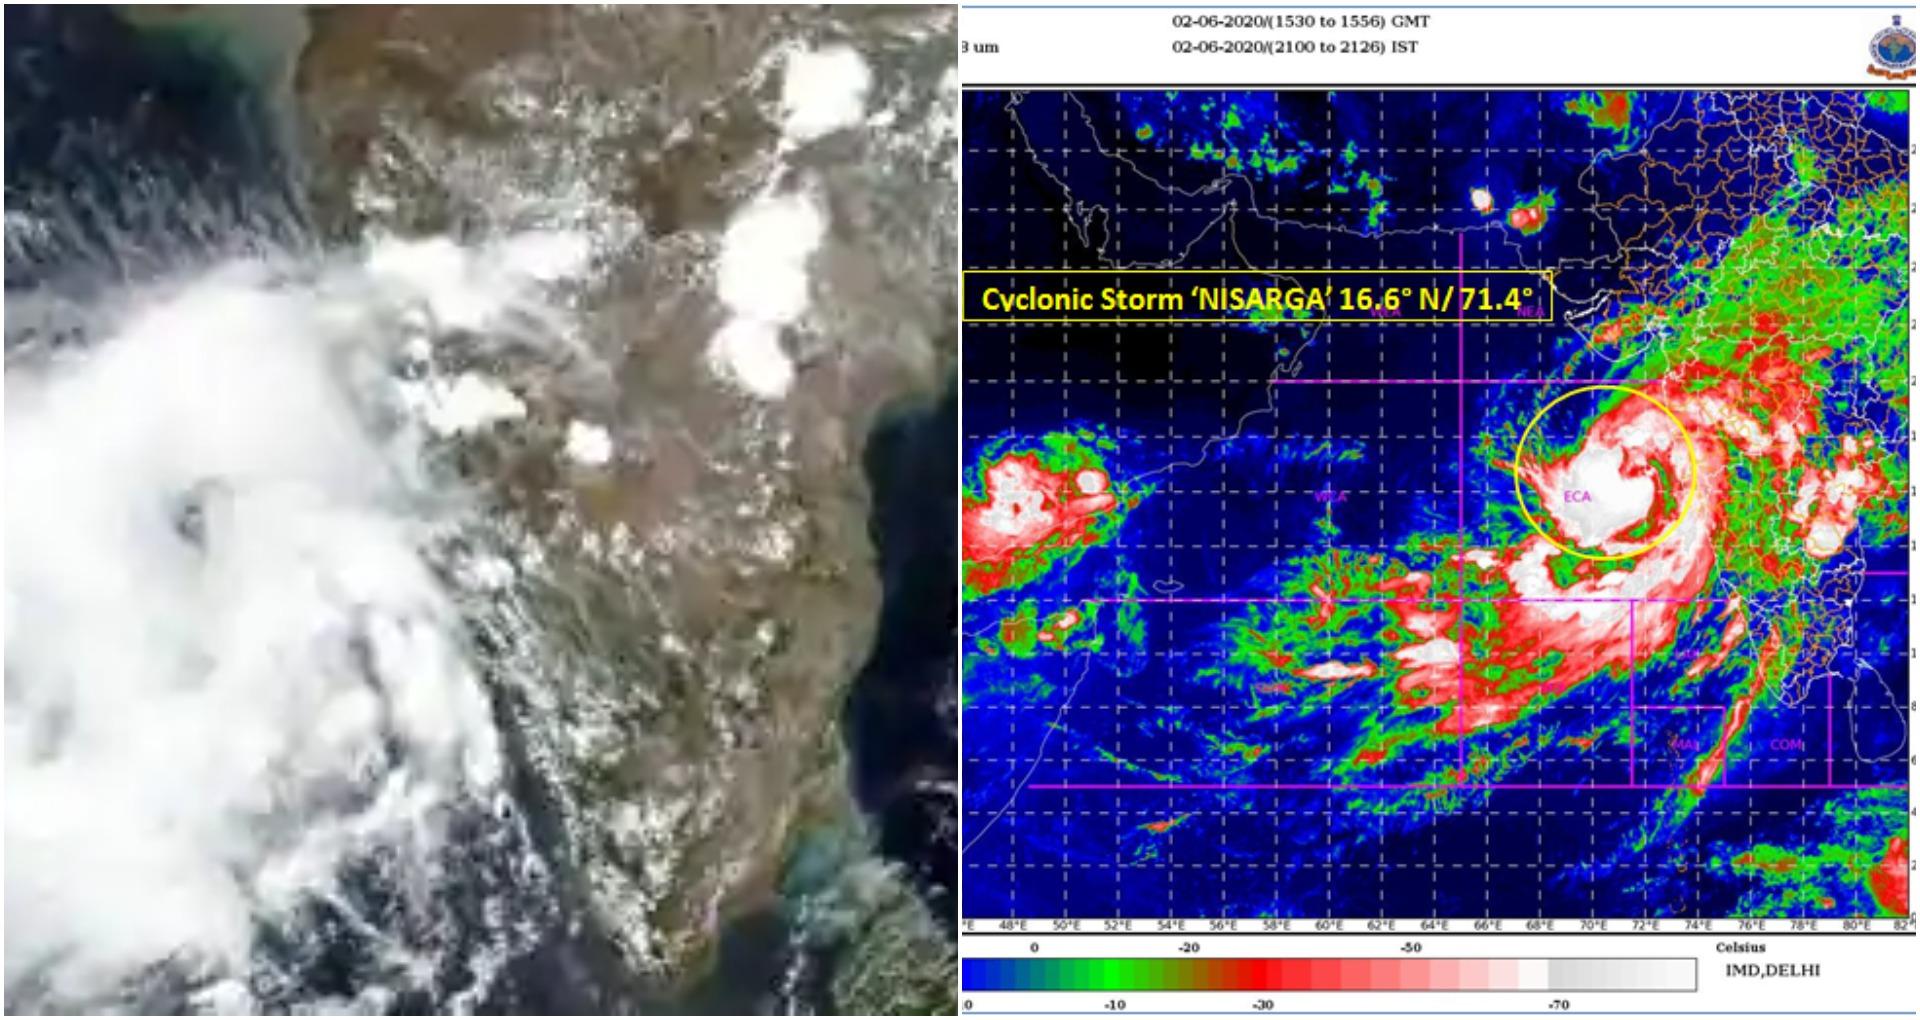 Nisarga Cyclone: मुंबई के लिए 3 जून और 4 जून बहुत ही महत्वपूर्ण, जानें निसर्ग तूफ़ान का मार्ग और गाइडलाइन